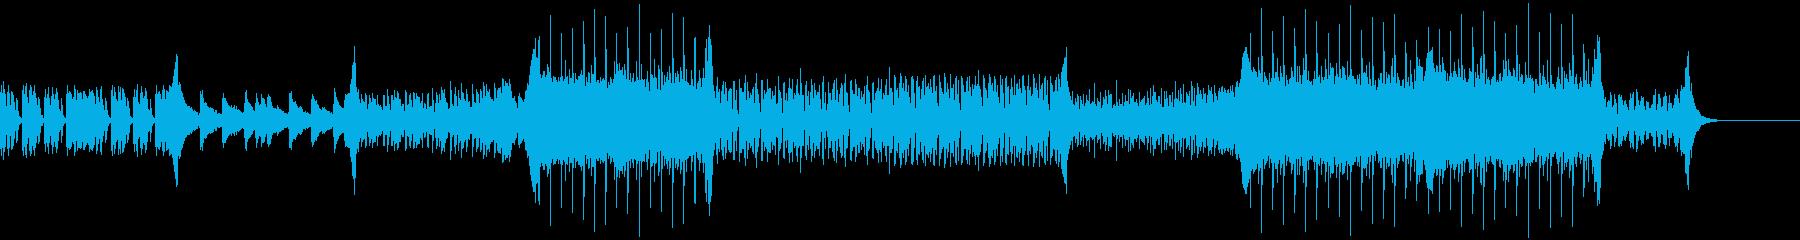 爽やかな曲調のEDMの再生済みの波形